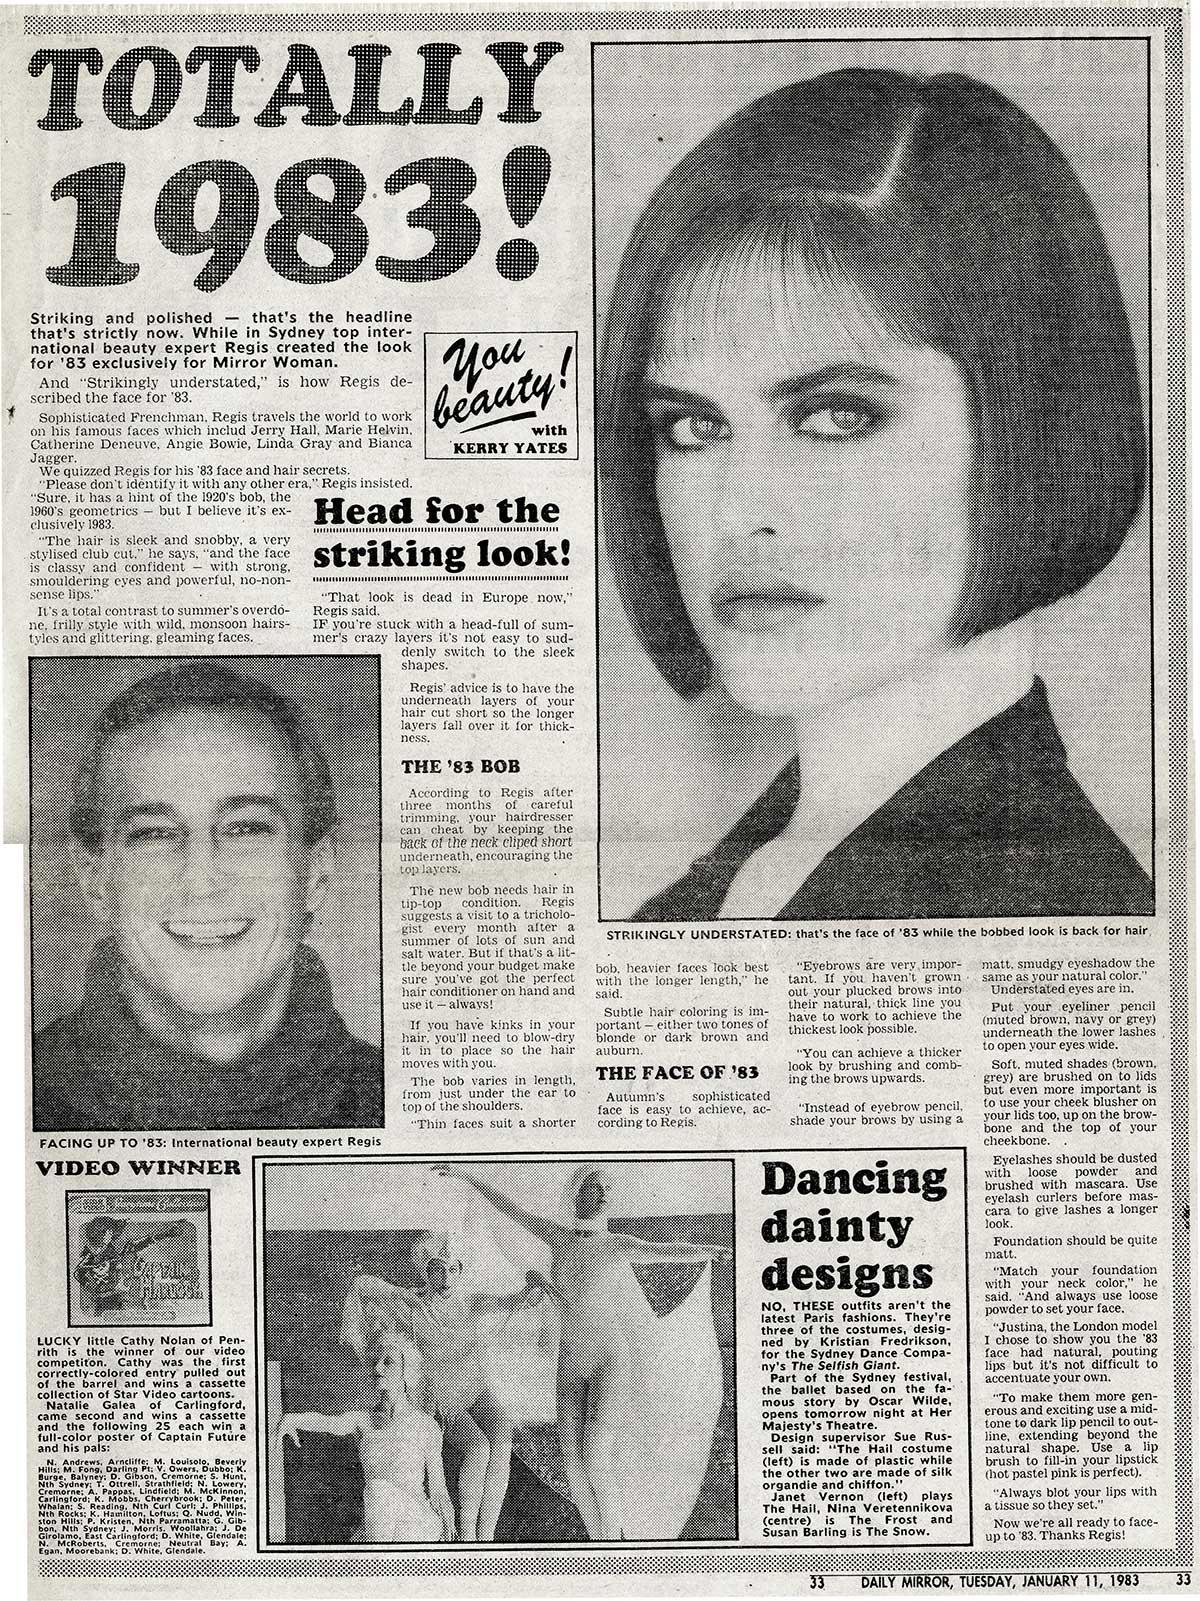 justina-vail-evans-daily-mirror-1983